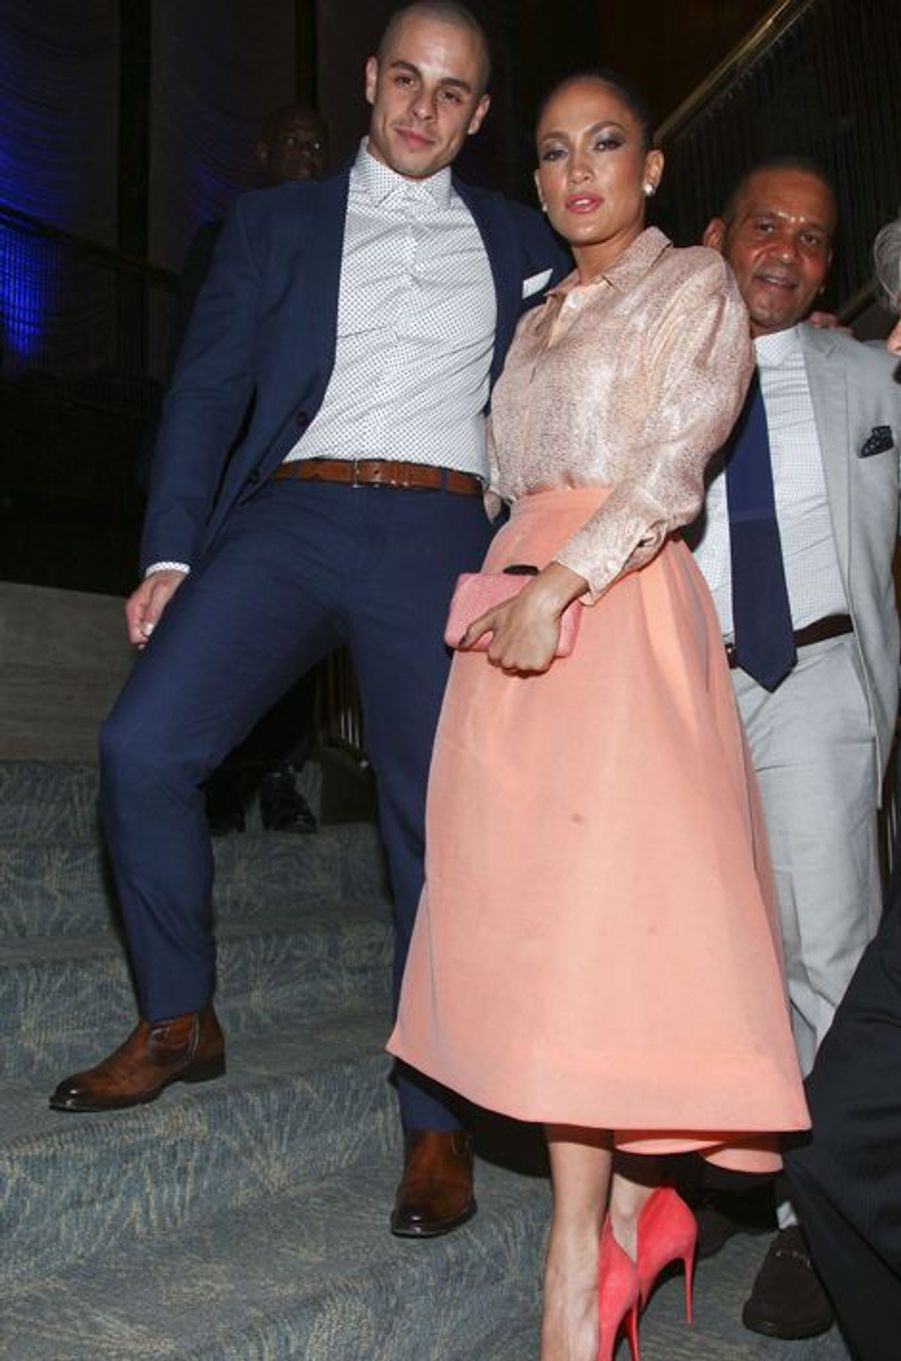 Jennifer Lopez et Casper Smart à la soirée de la Fondation des Nations Unies à l'hôtel Four Seasons de New York vendredi dernier.